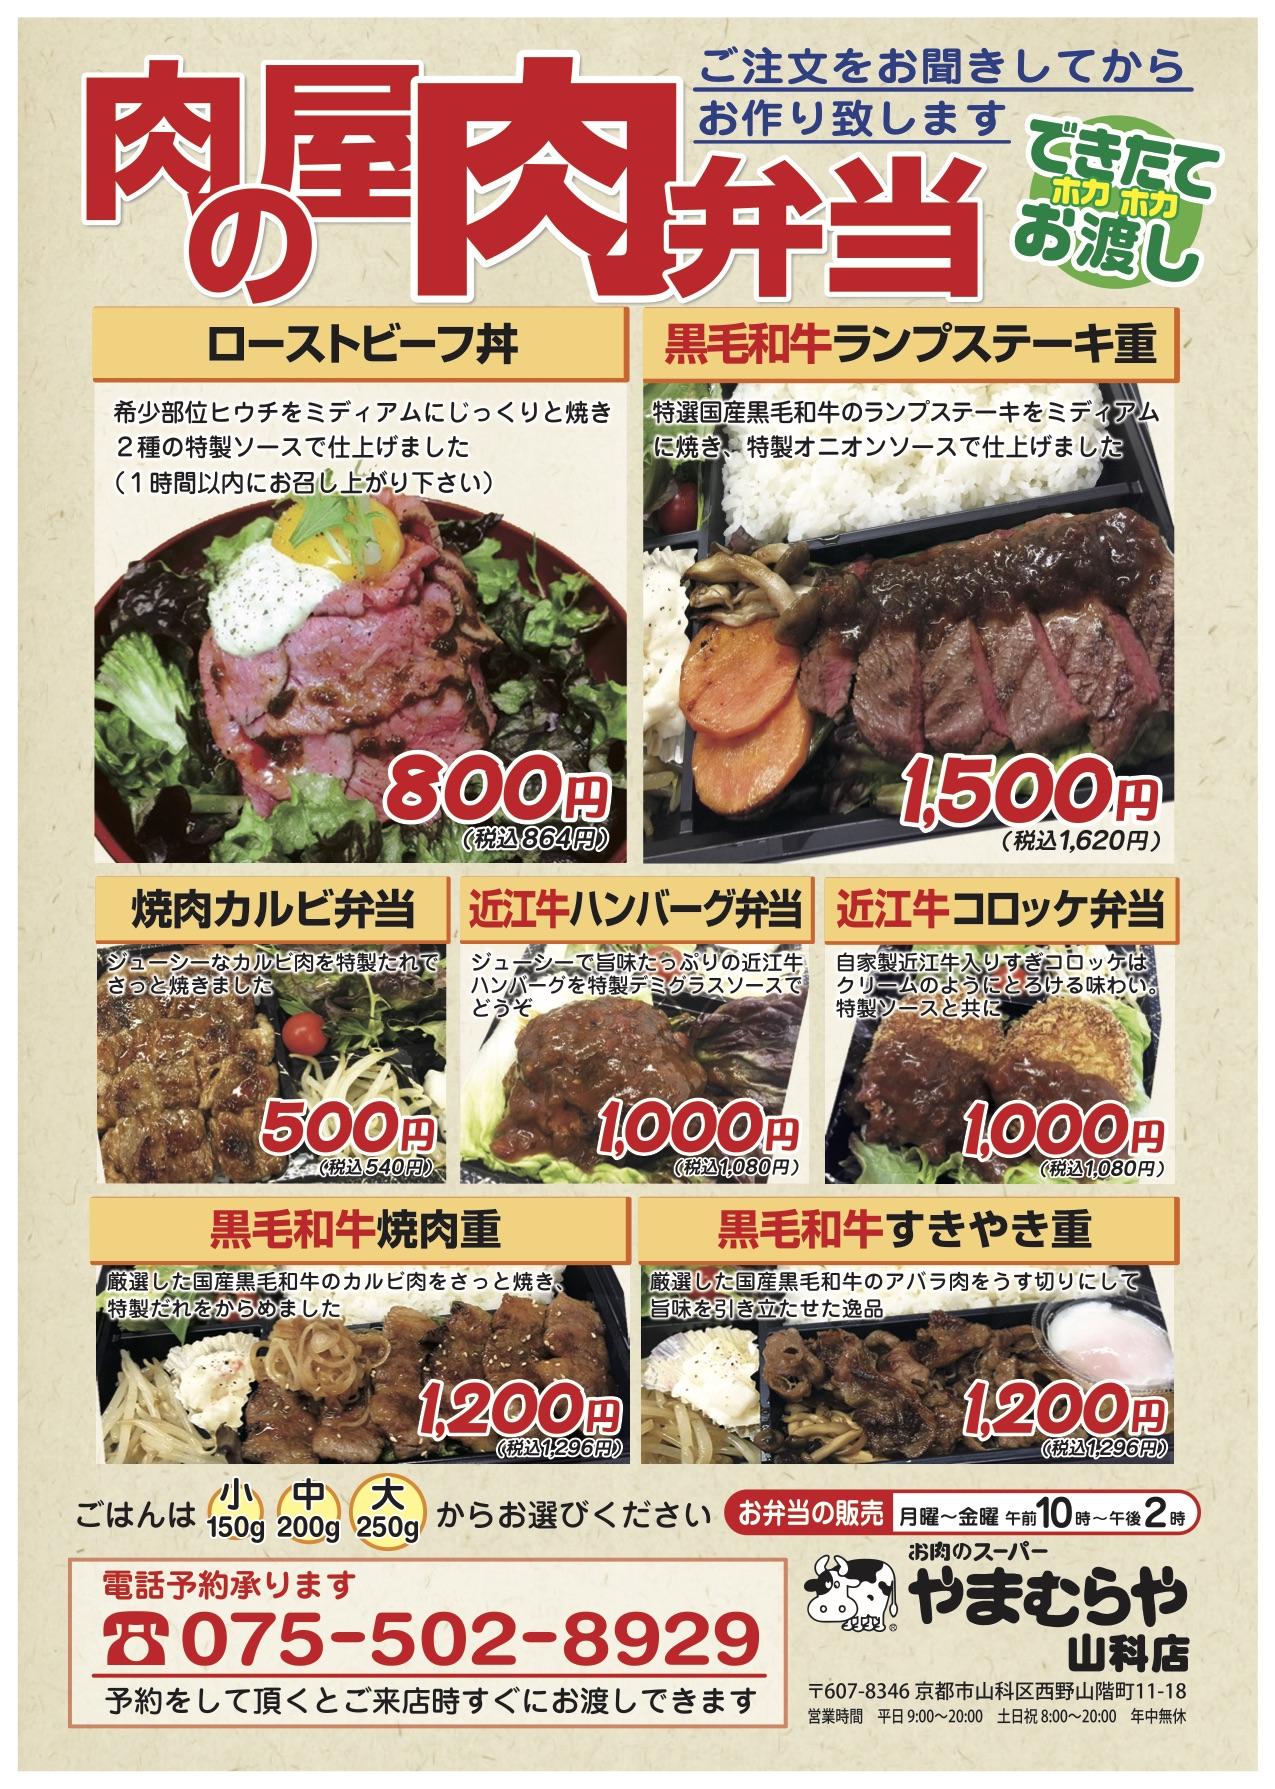 お肉屋さんのお弁当!!